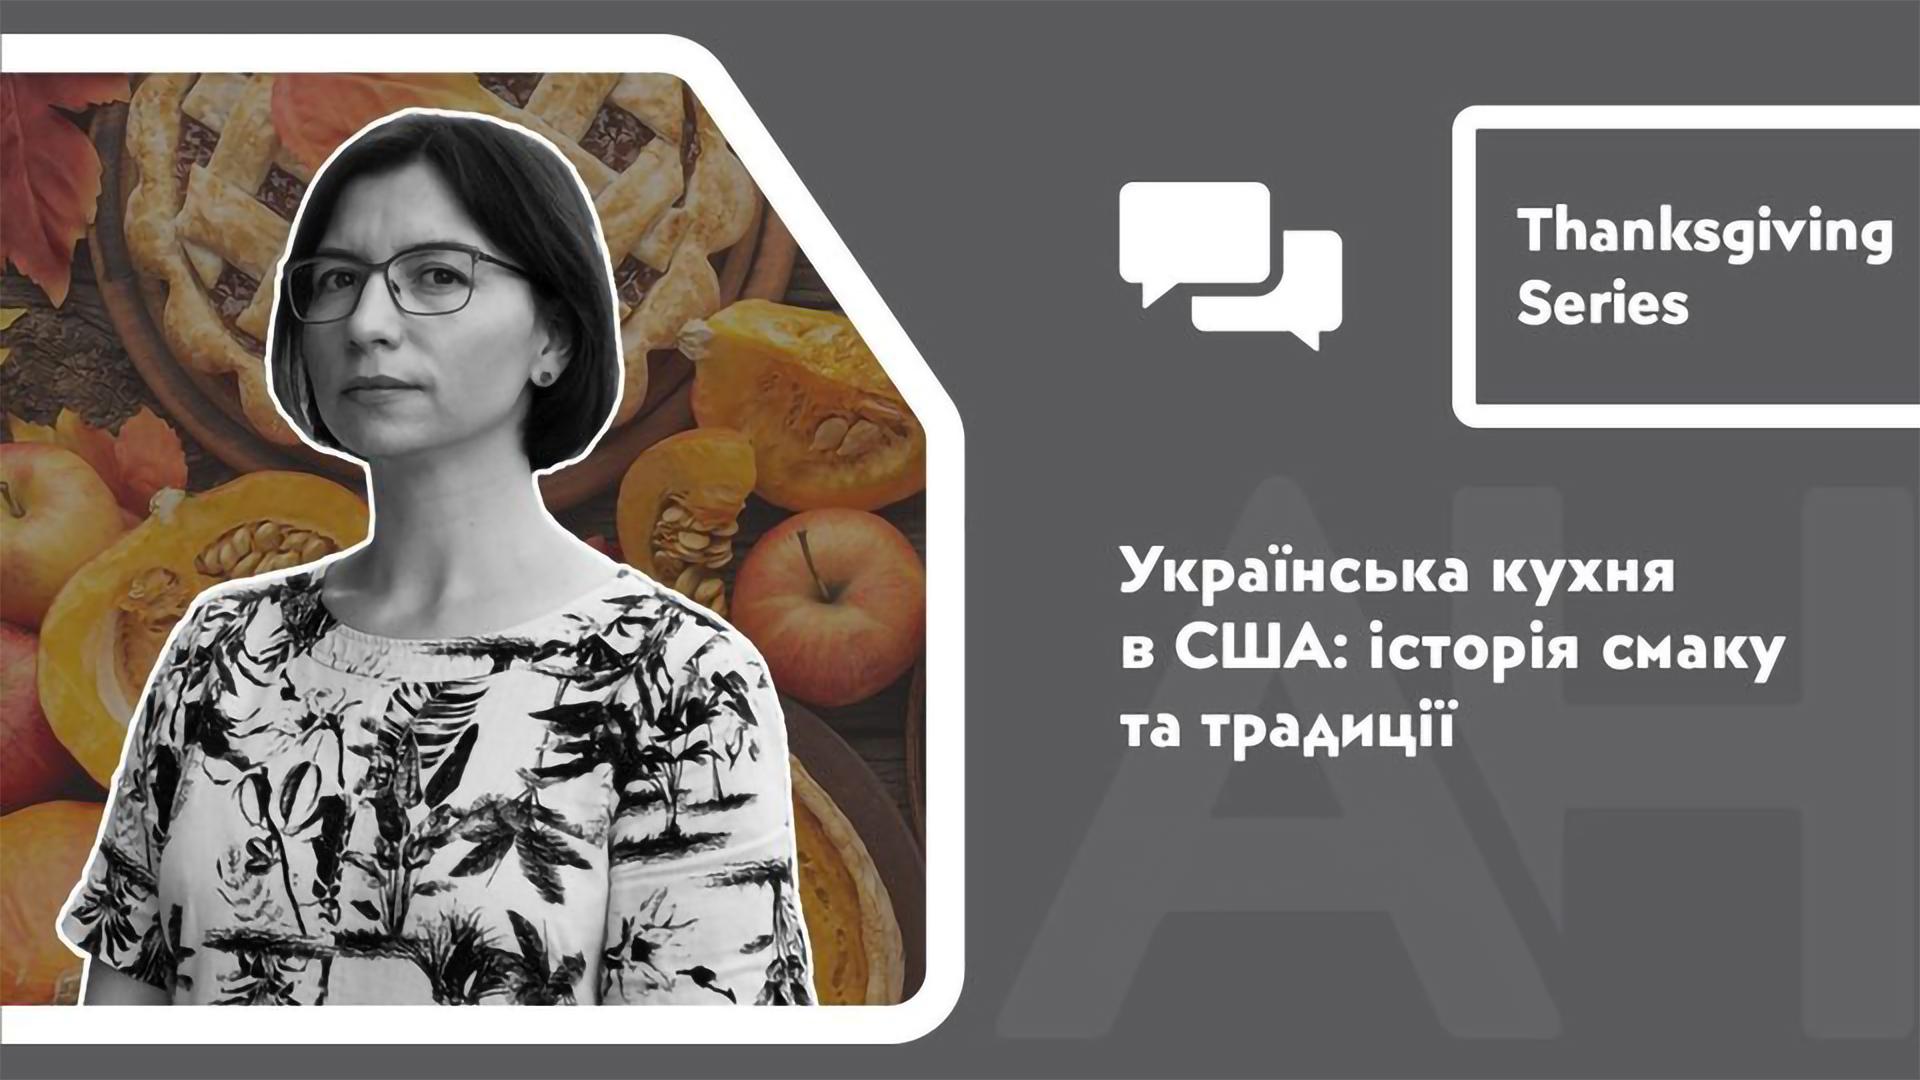 Українська кухня в США: історія смаку та традиції